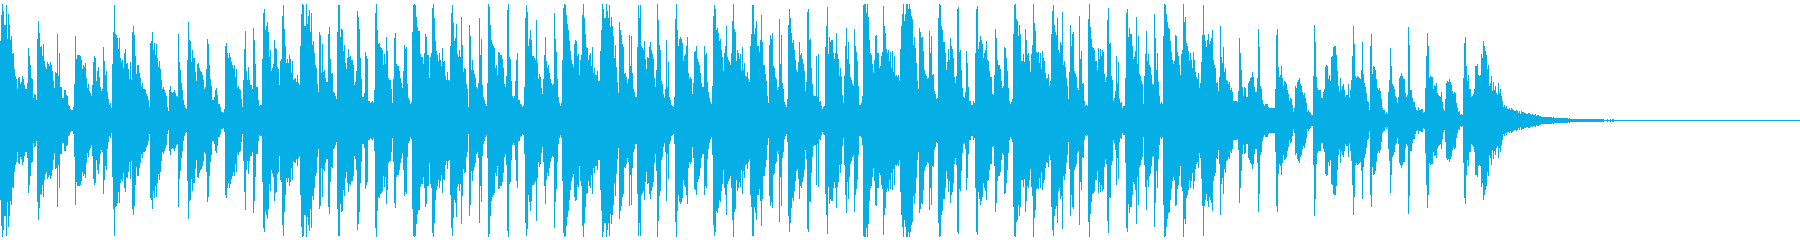 企業VP/CM元気な口笛のマーチBGMの再生済みの波形